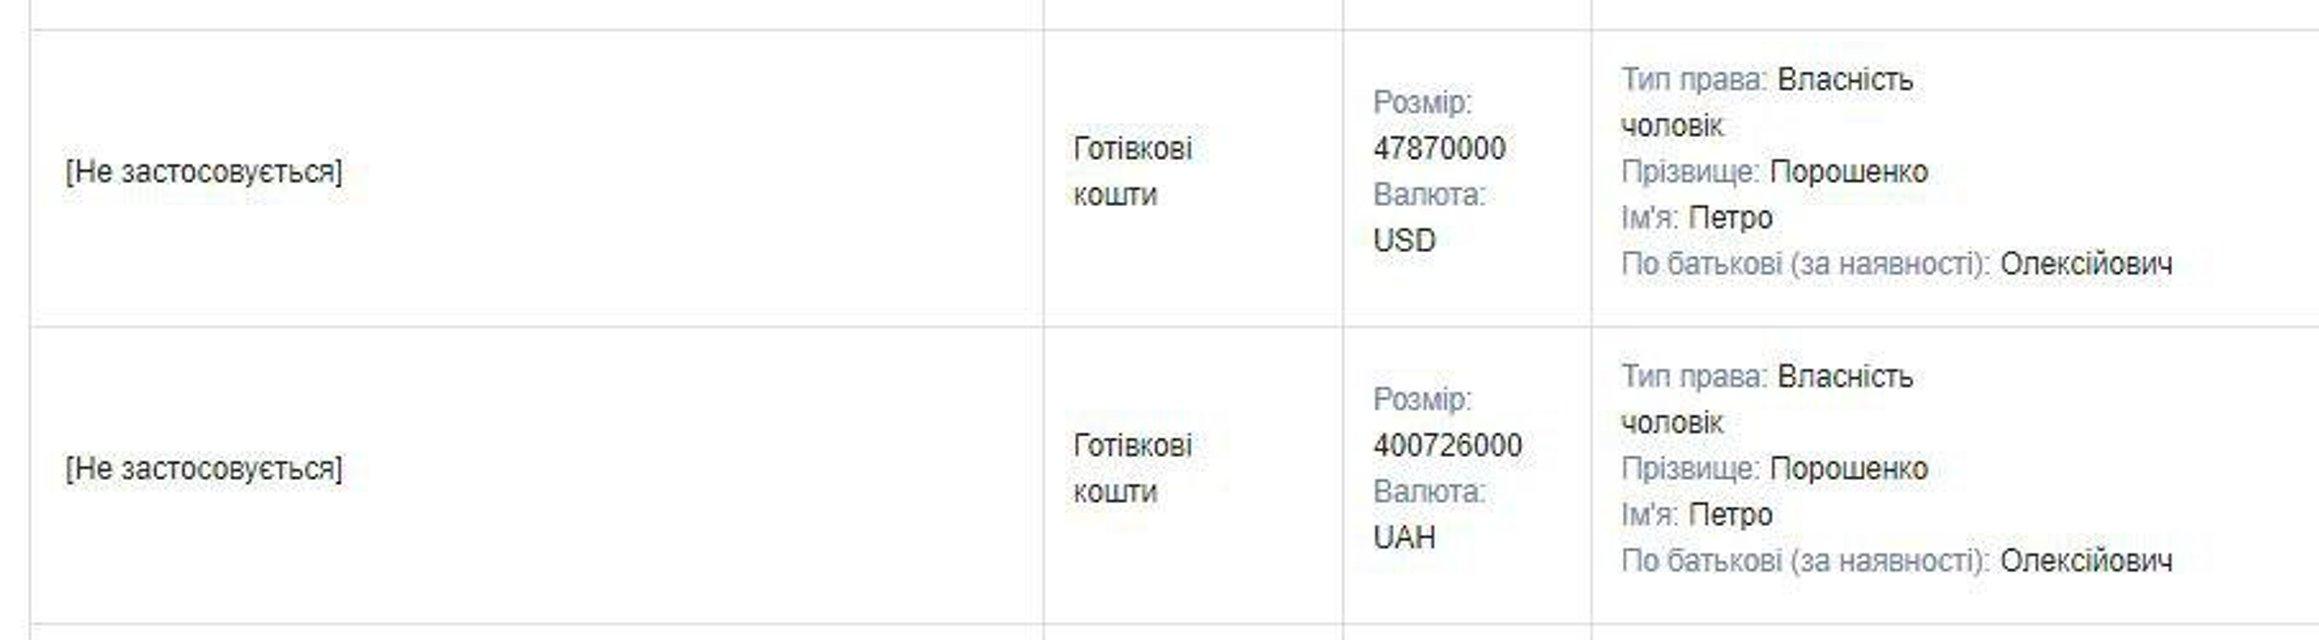 У Порошенка вдома є кілька тон гривень і доларів - фото 206866